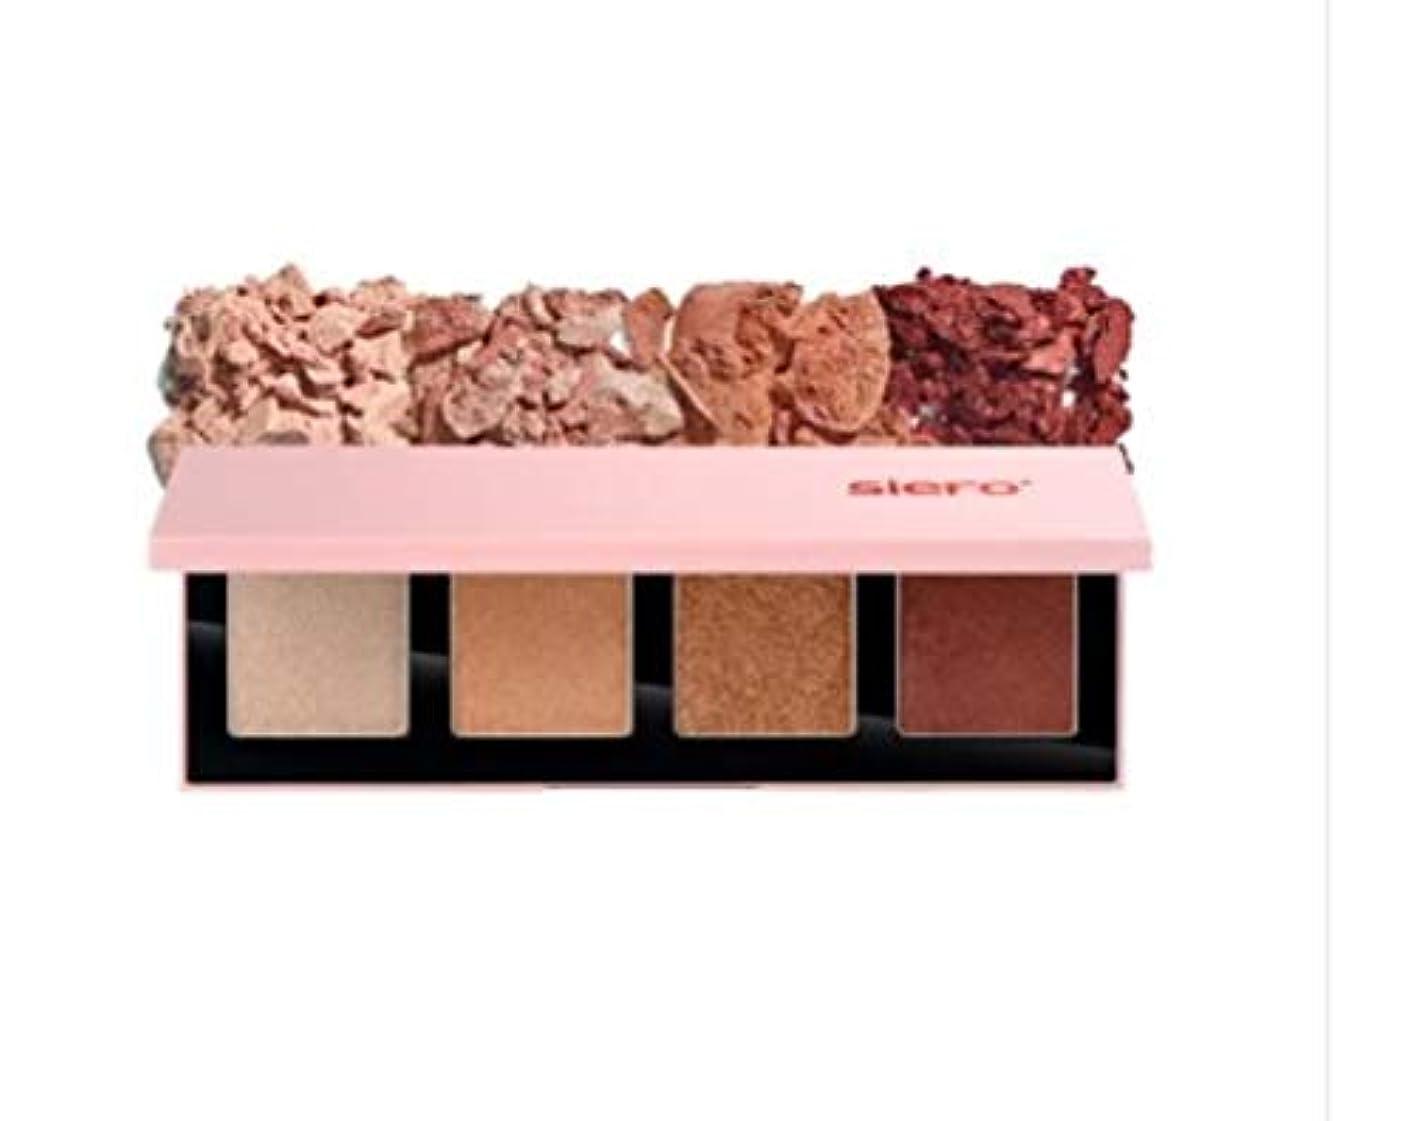 ベンチコマースサンダースSIERO Jealoufy archive Eyeshadow Palette 4色のアイシャドウ(並行輸入品)